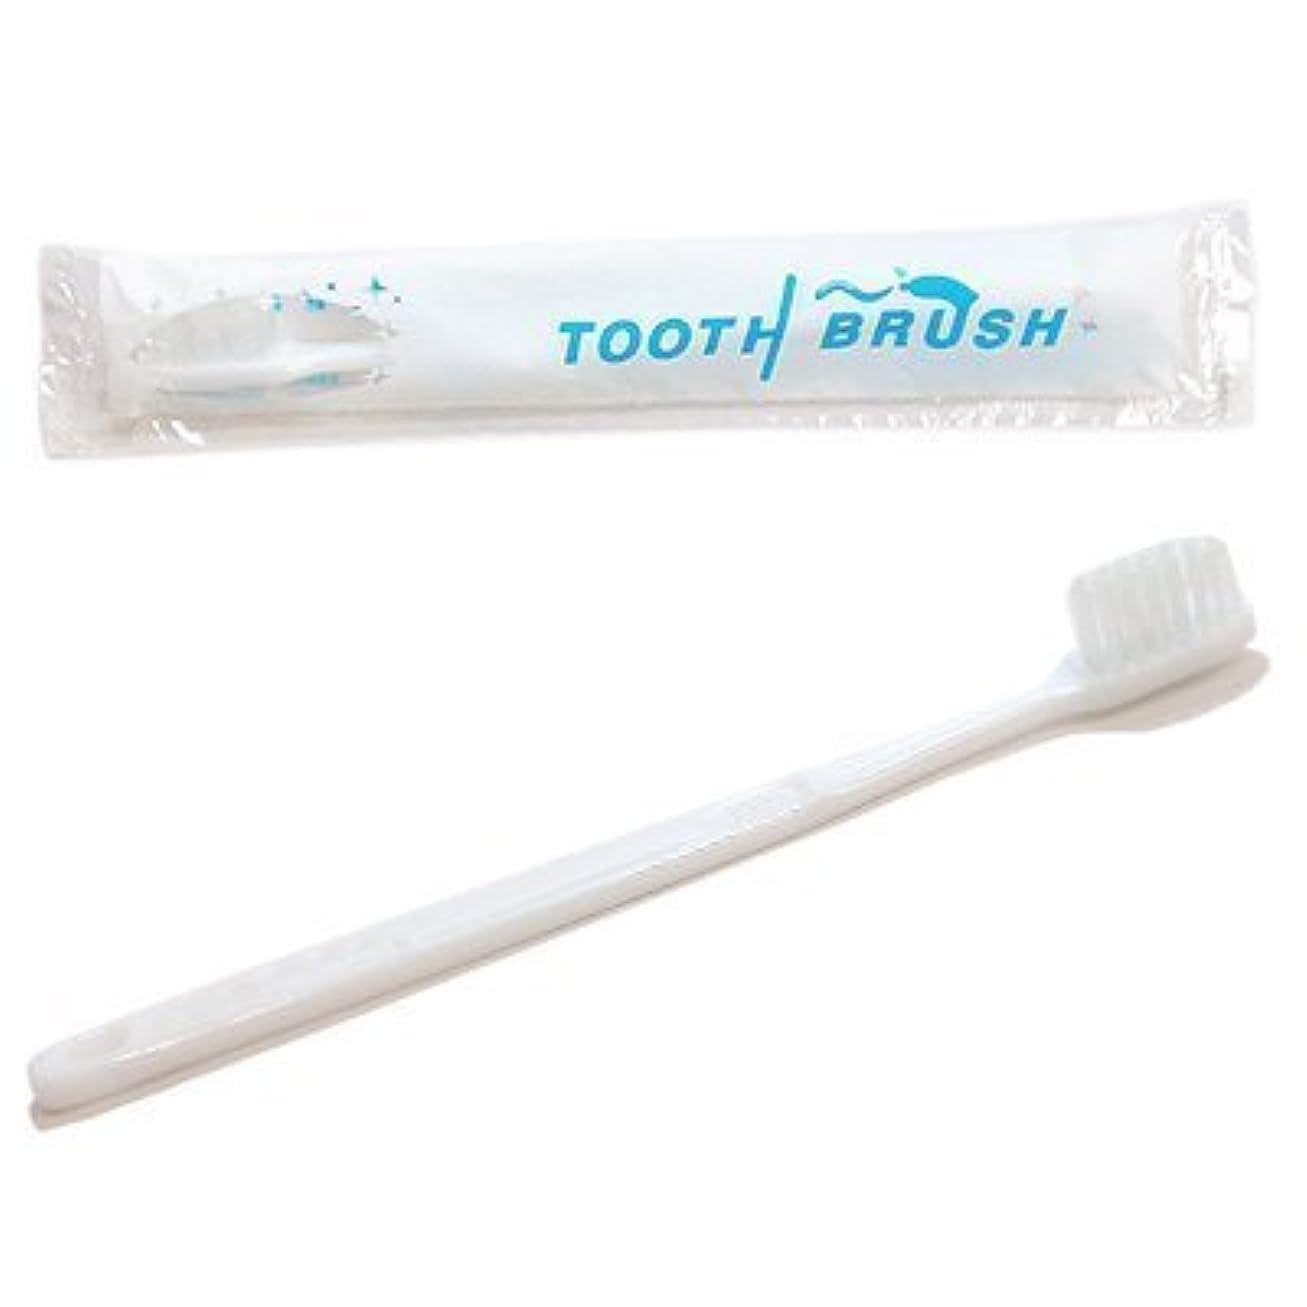 証明株式会社細菌使い捨て 粉付き歯ブラシ x5本